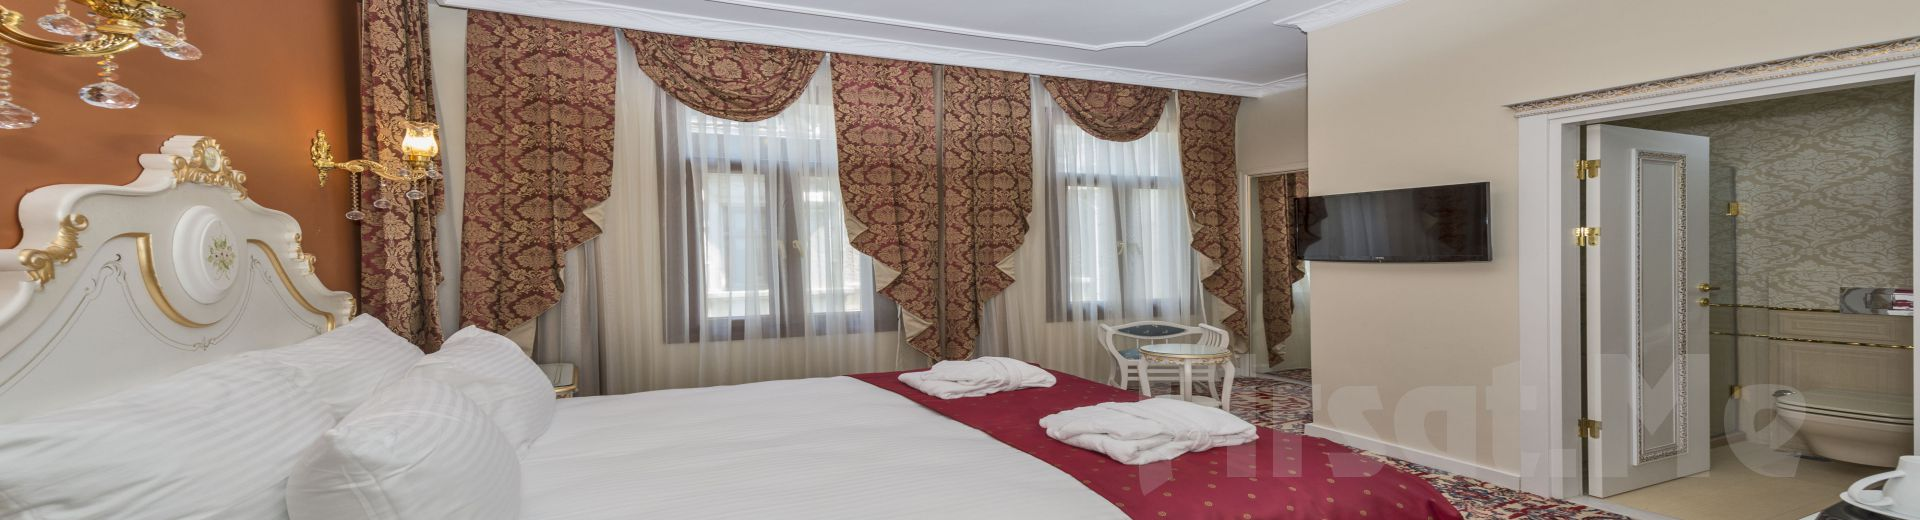 By Murat Crown Hotel Asmalımescit'de 2 Kişi 1 Gece Konaklama Keyfi!